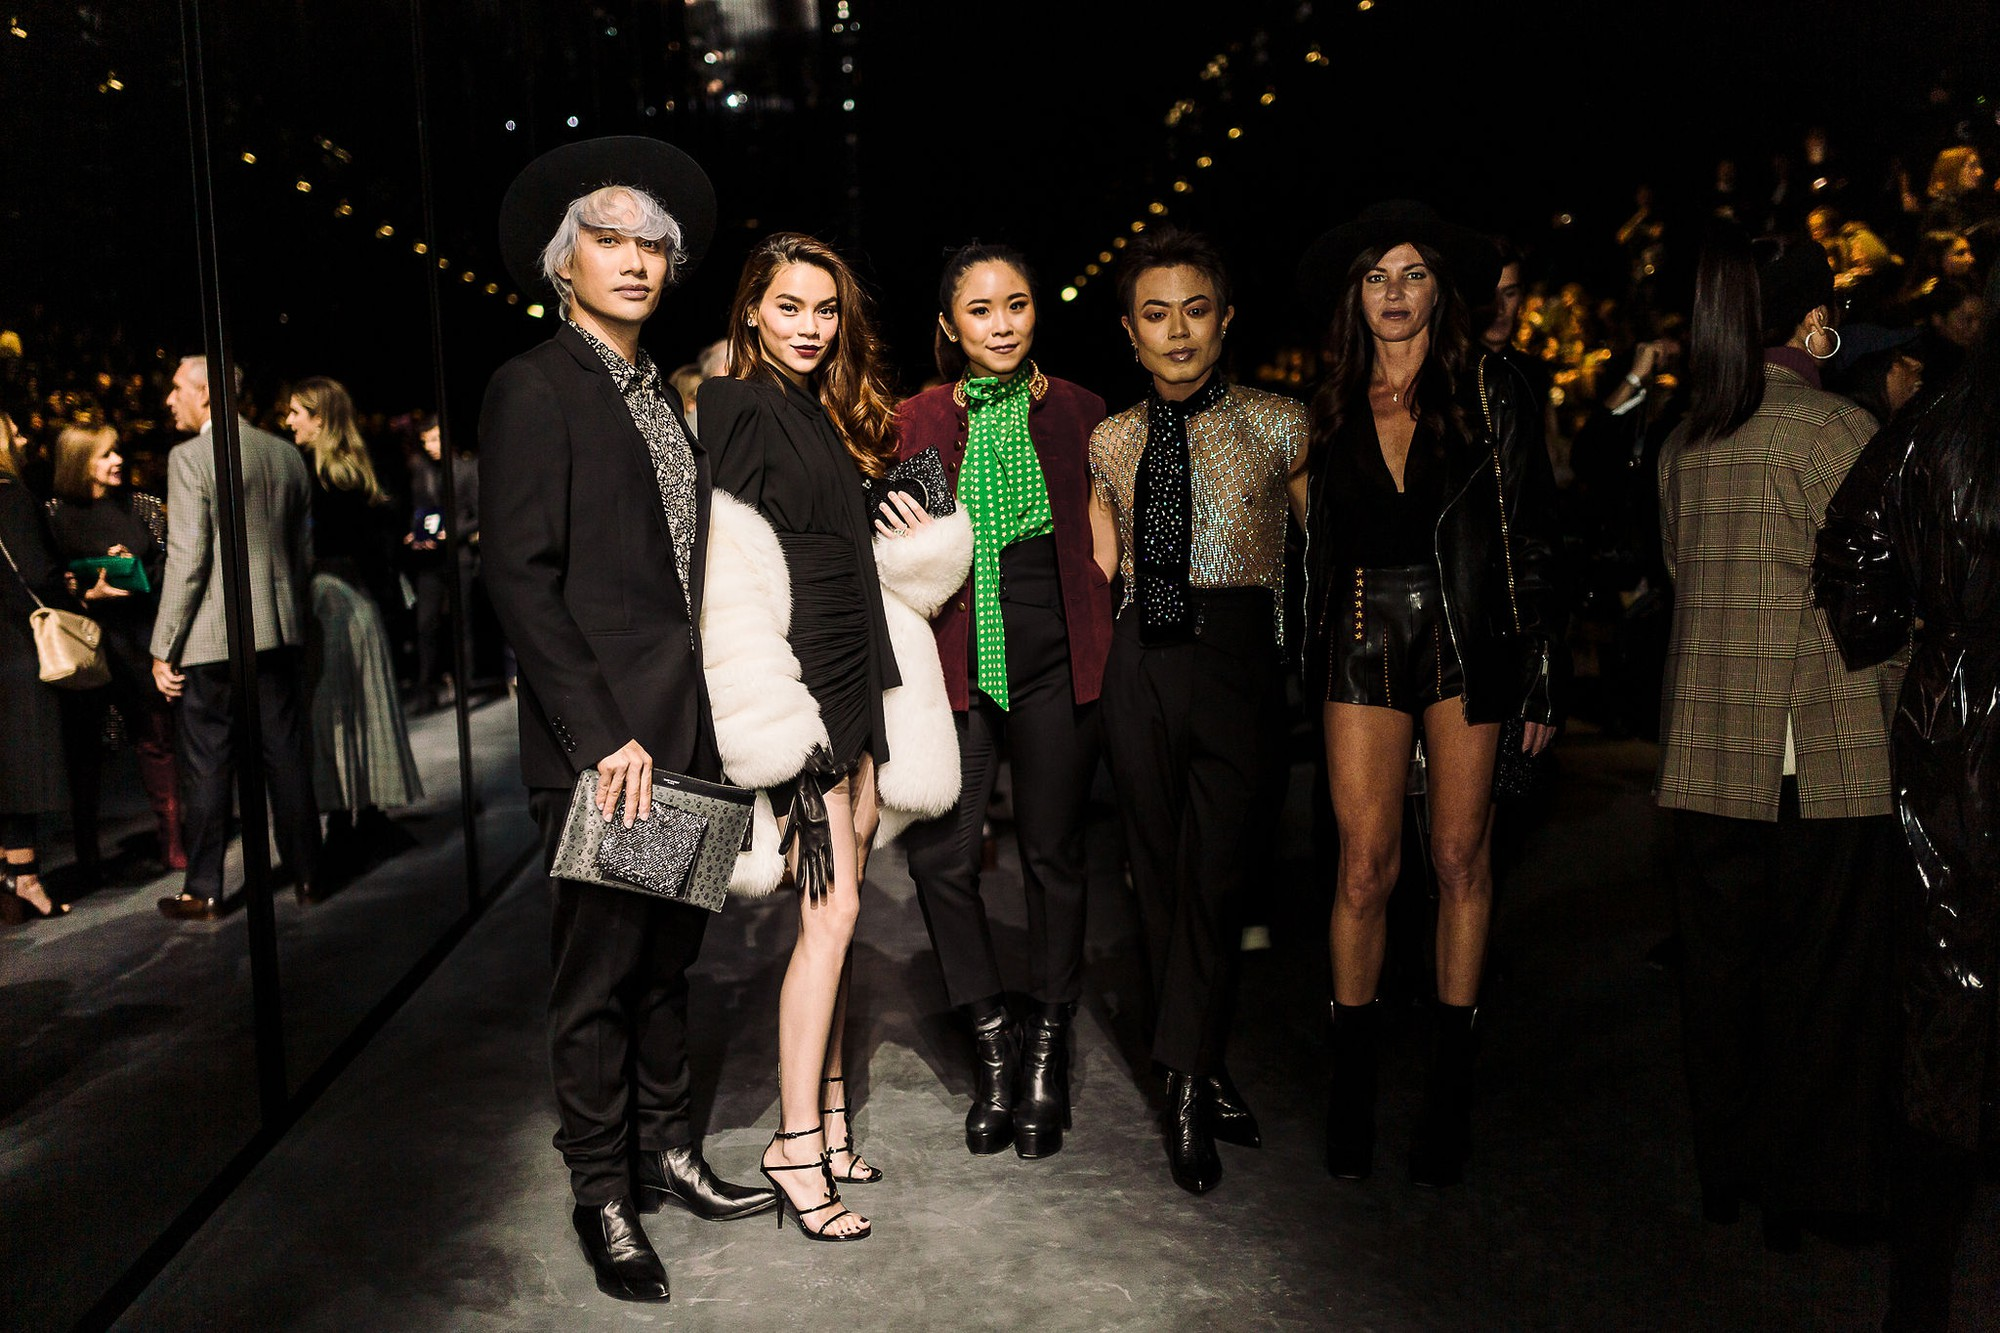 Hà Hồ diện áo lông 300 triệu, sánh đôi cùng Lý Quí Khánh đi dự show Saint Laurent tại Paris Fashion Week - Ảnh 3.